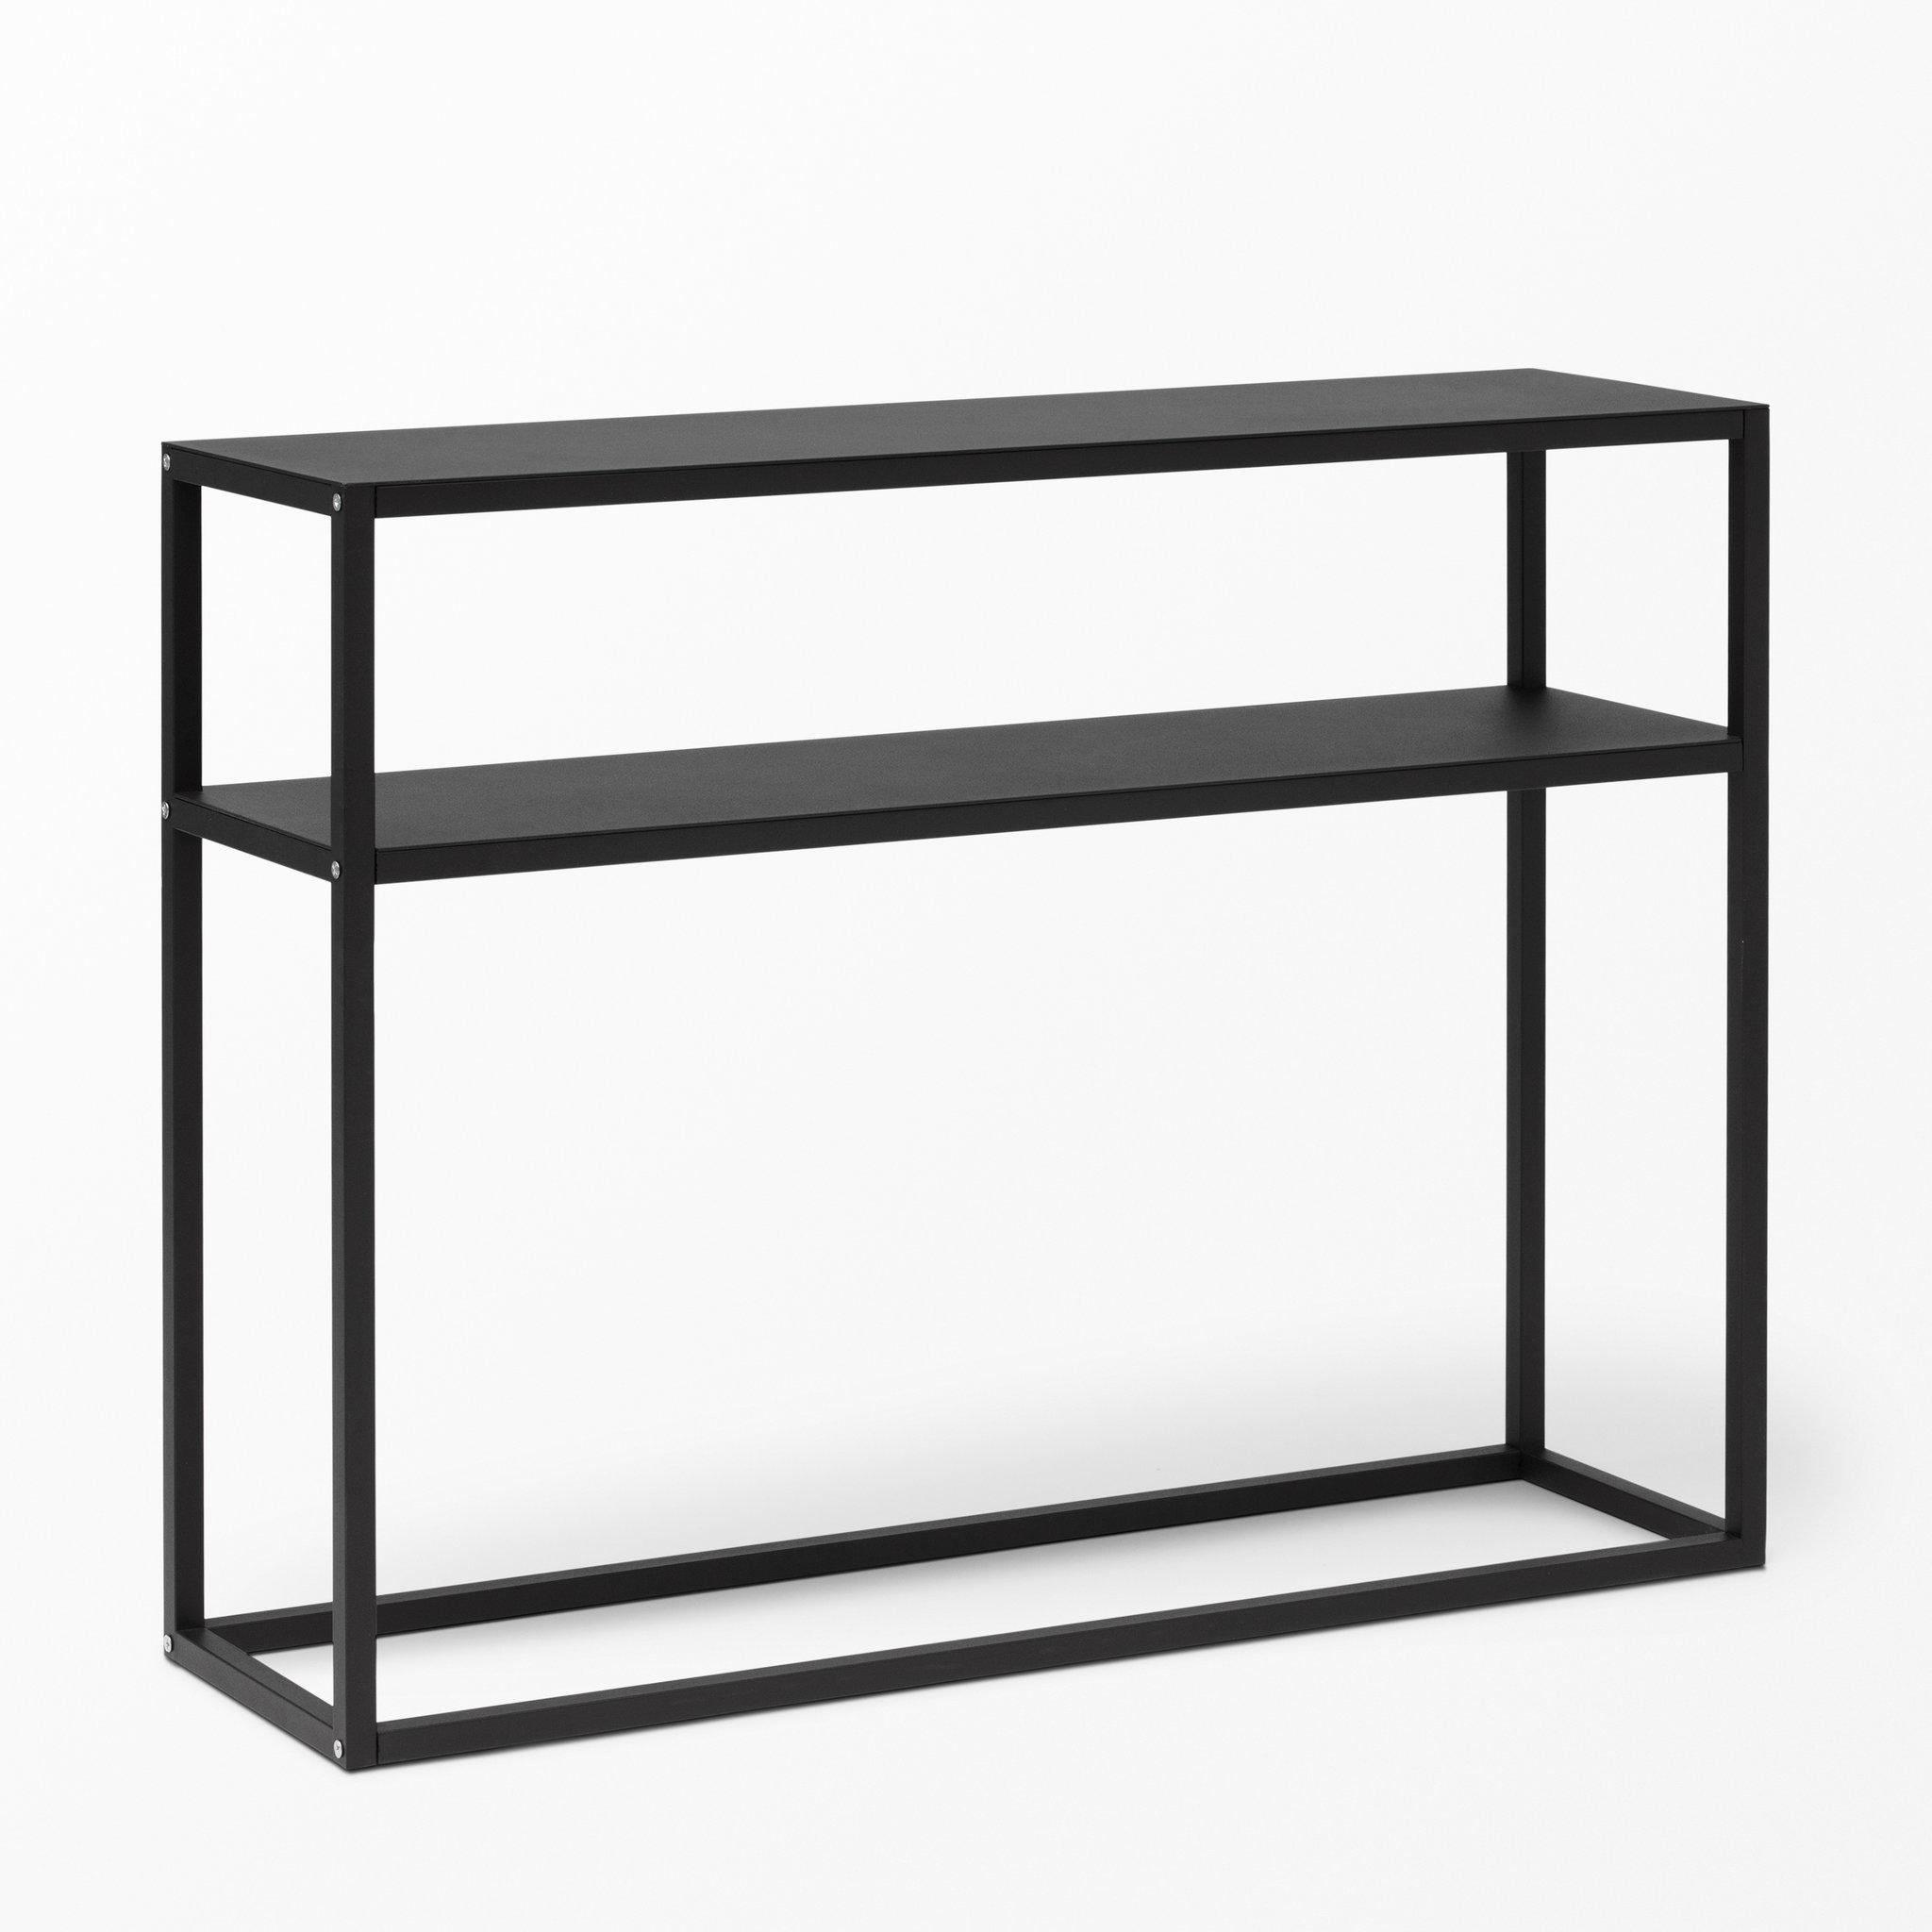 Sideboard svart metall Kakel till kök och badrum